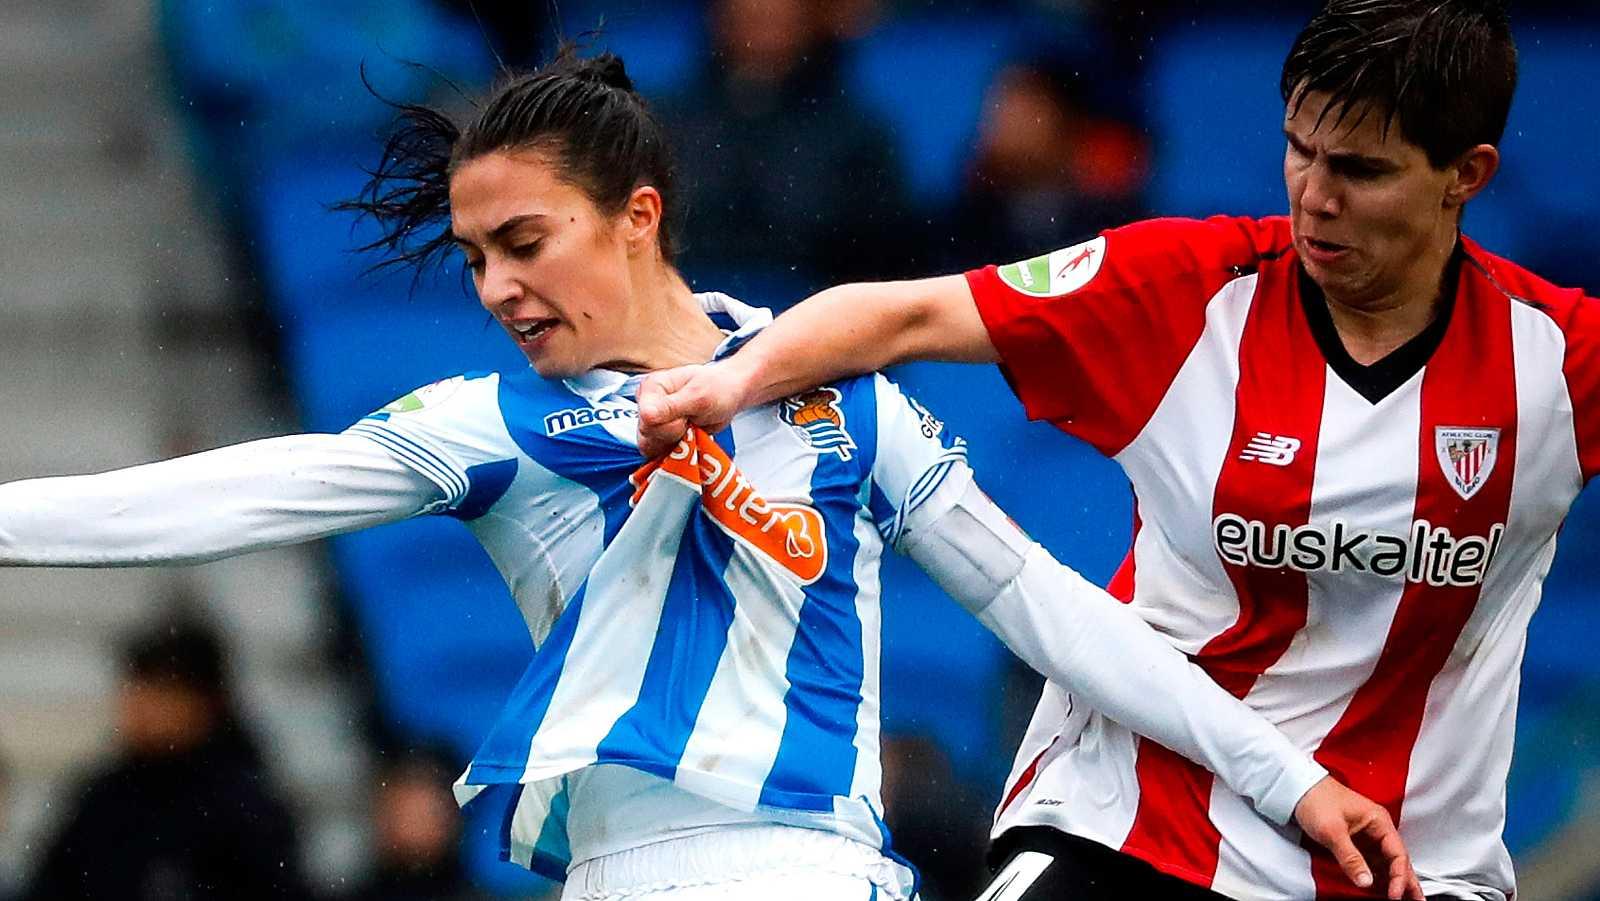 El anuncio de la creación de una nueva liga femenina no ha caído bien en los clubes de fútbol españoles, que han rechazado la propuesta de la Federación Española.